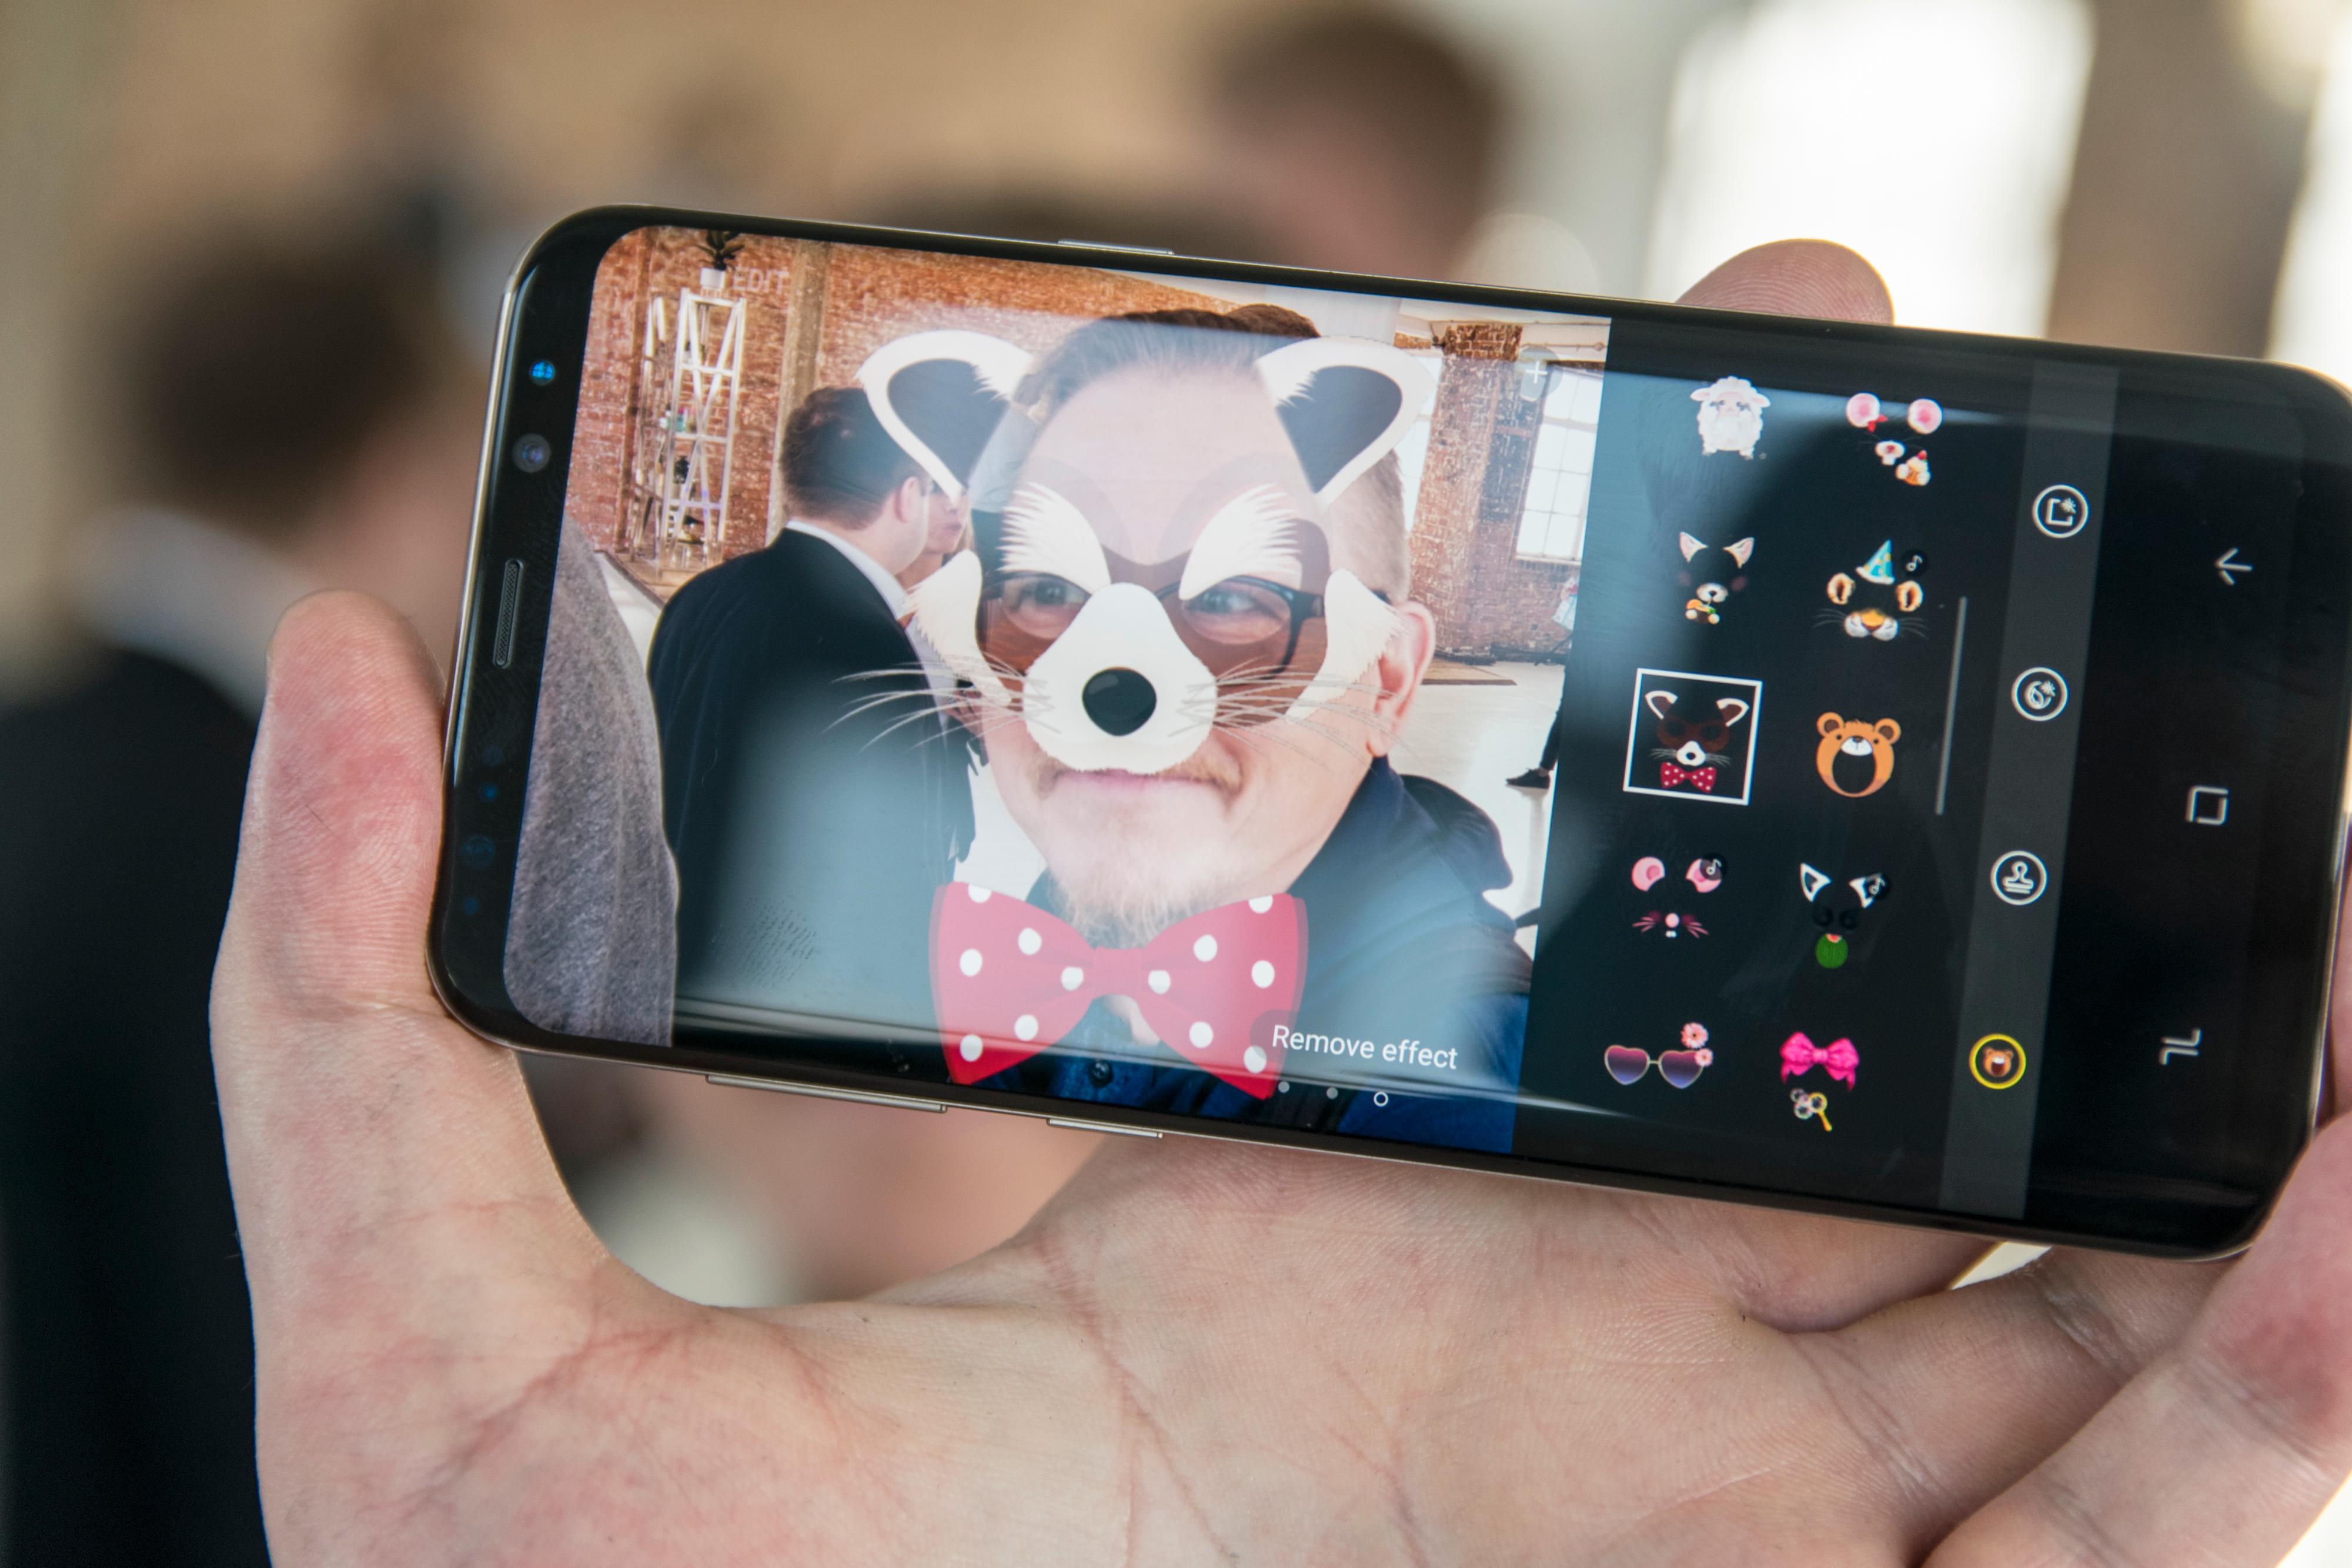 Galaxy S8 er en flott telefon med mye snadder, men du bør kanskje droppe å velge ansiktsgjenkjenning som sikkerhetsløsning.